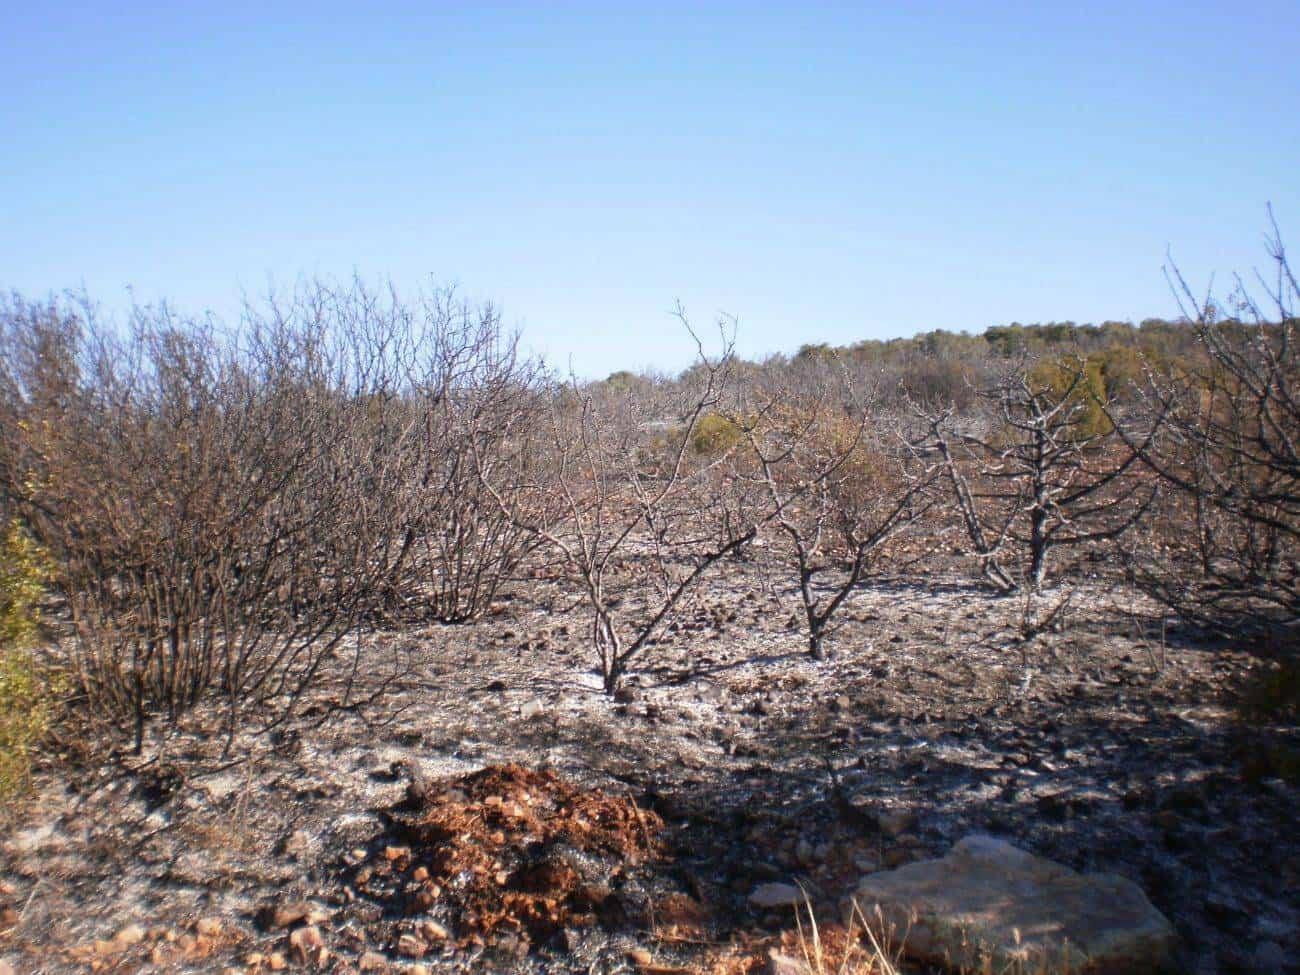 6 hectáreas afectadas por el fuego en Herencia 6